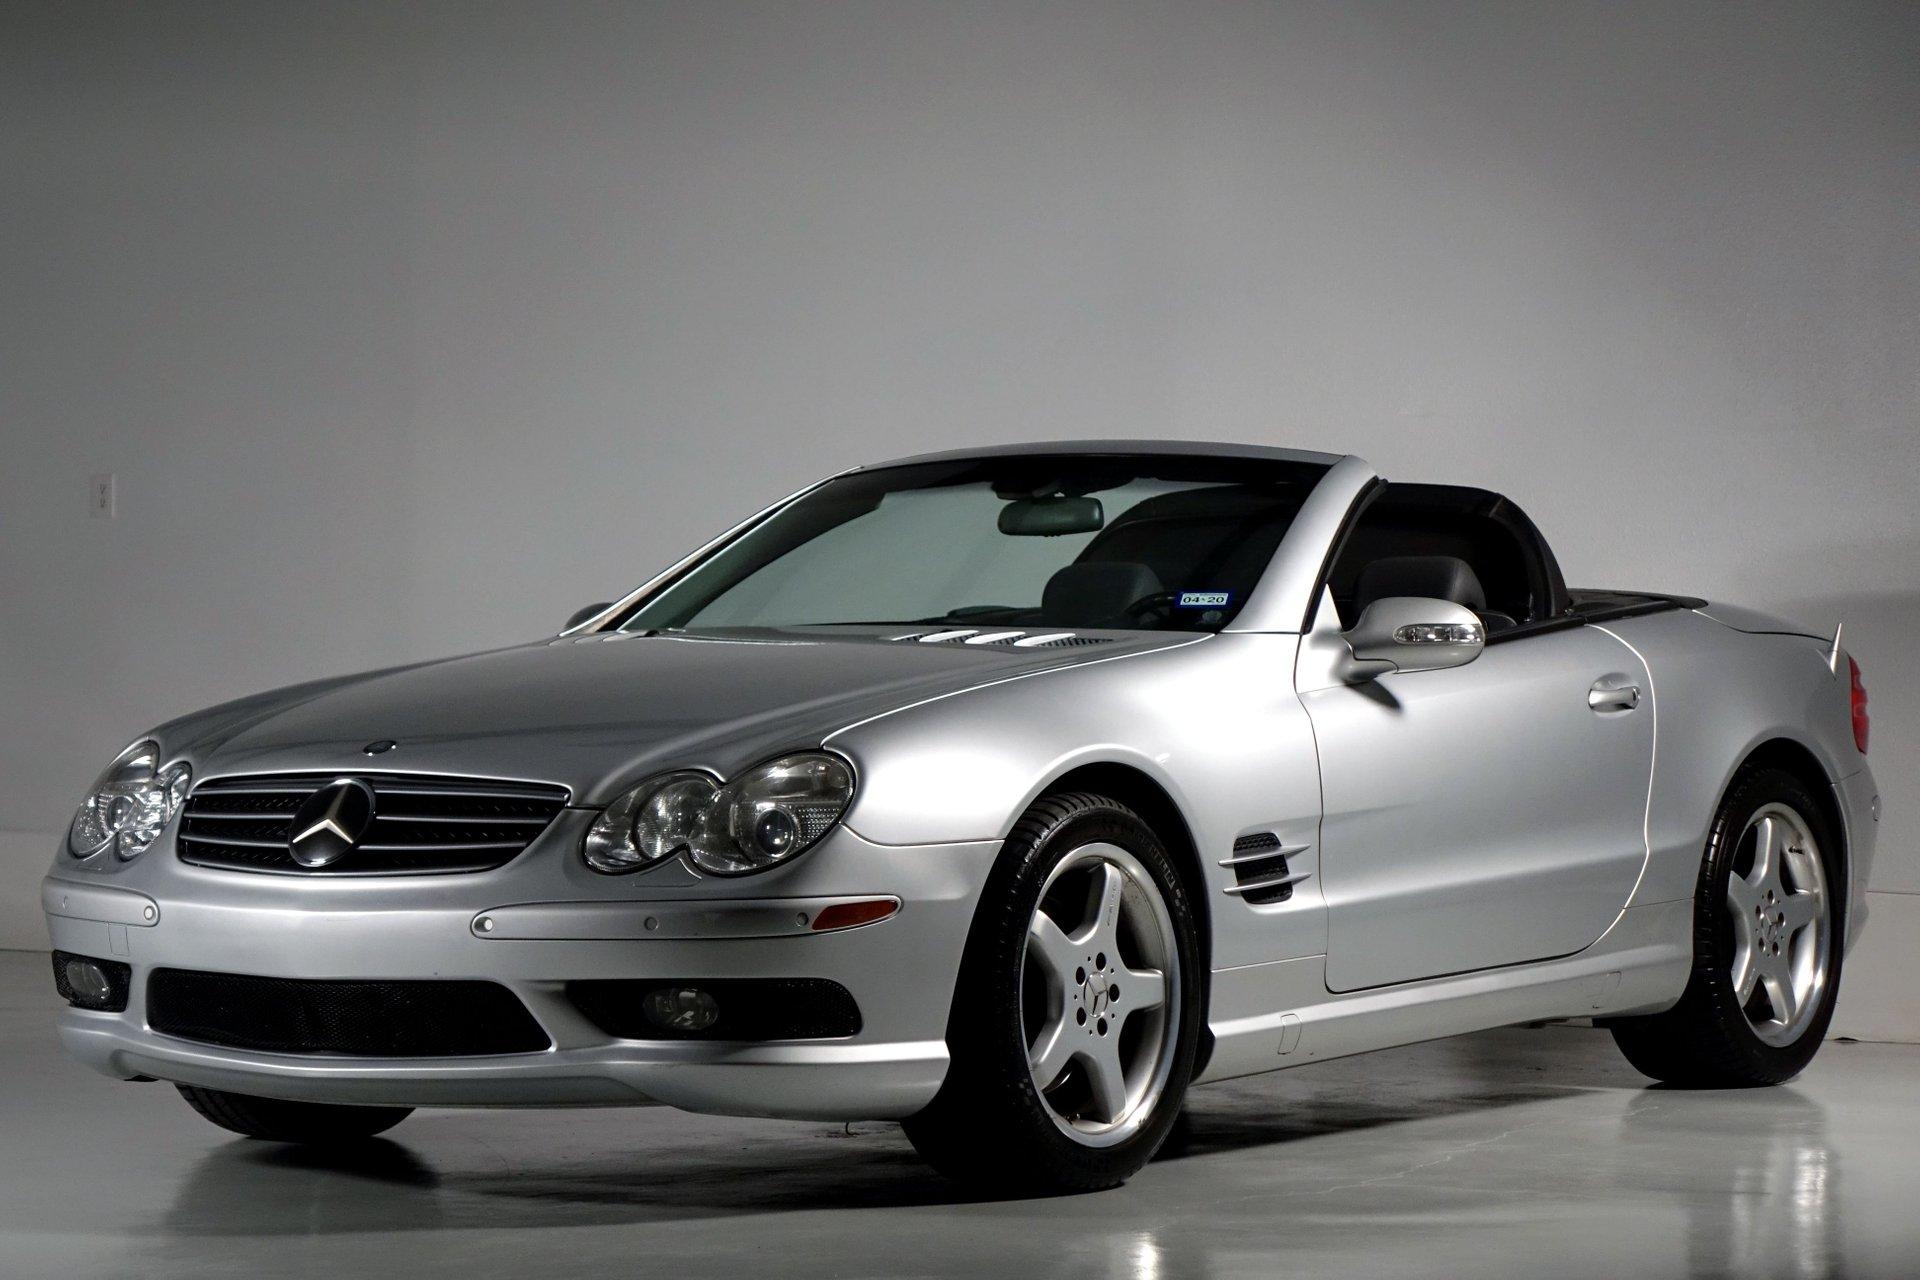 2003 mercedes benz sl class 2dr roadster 5 0l